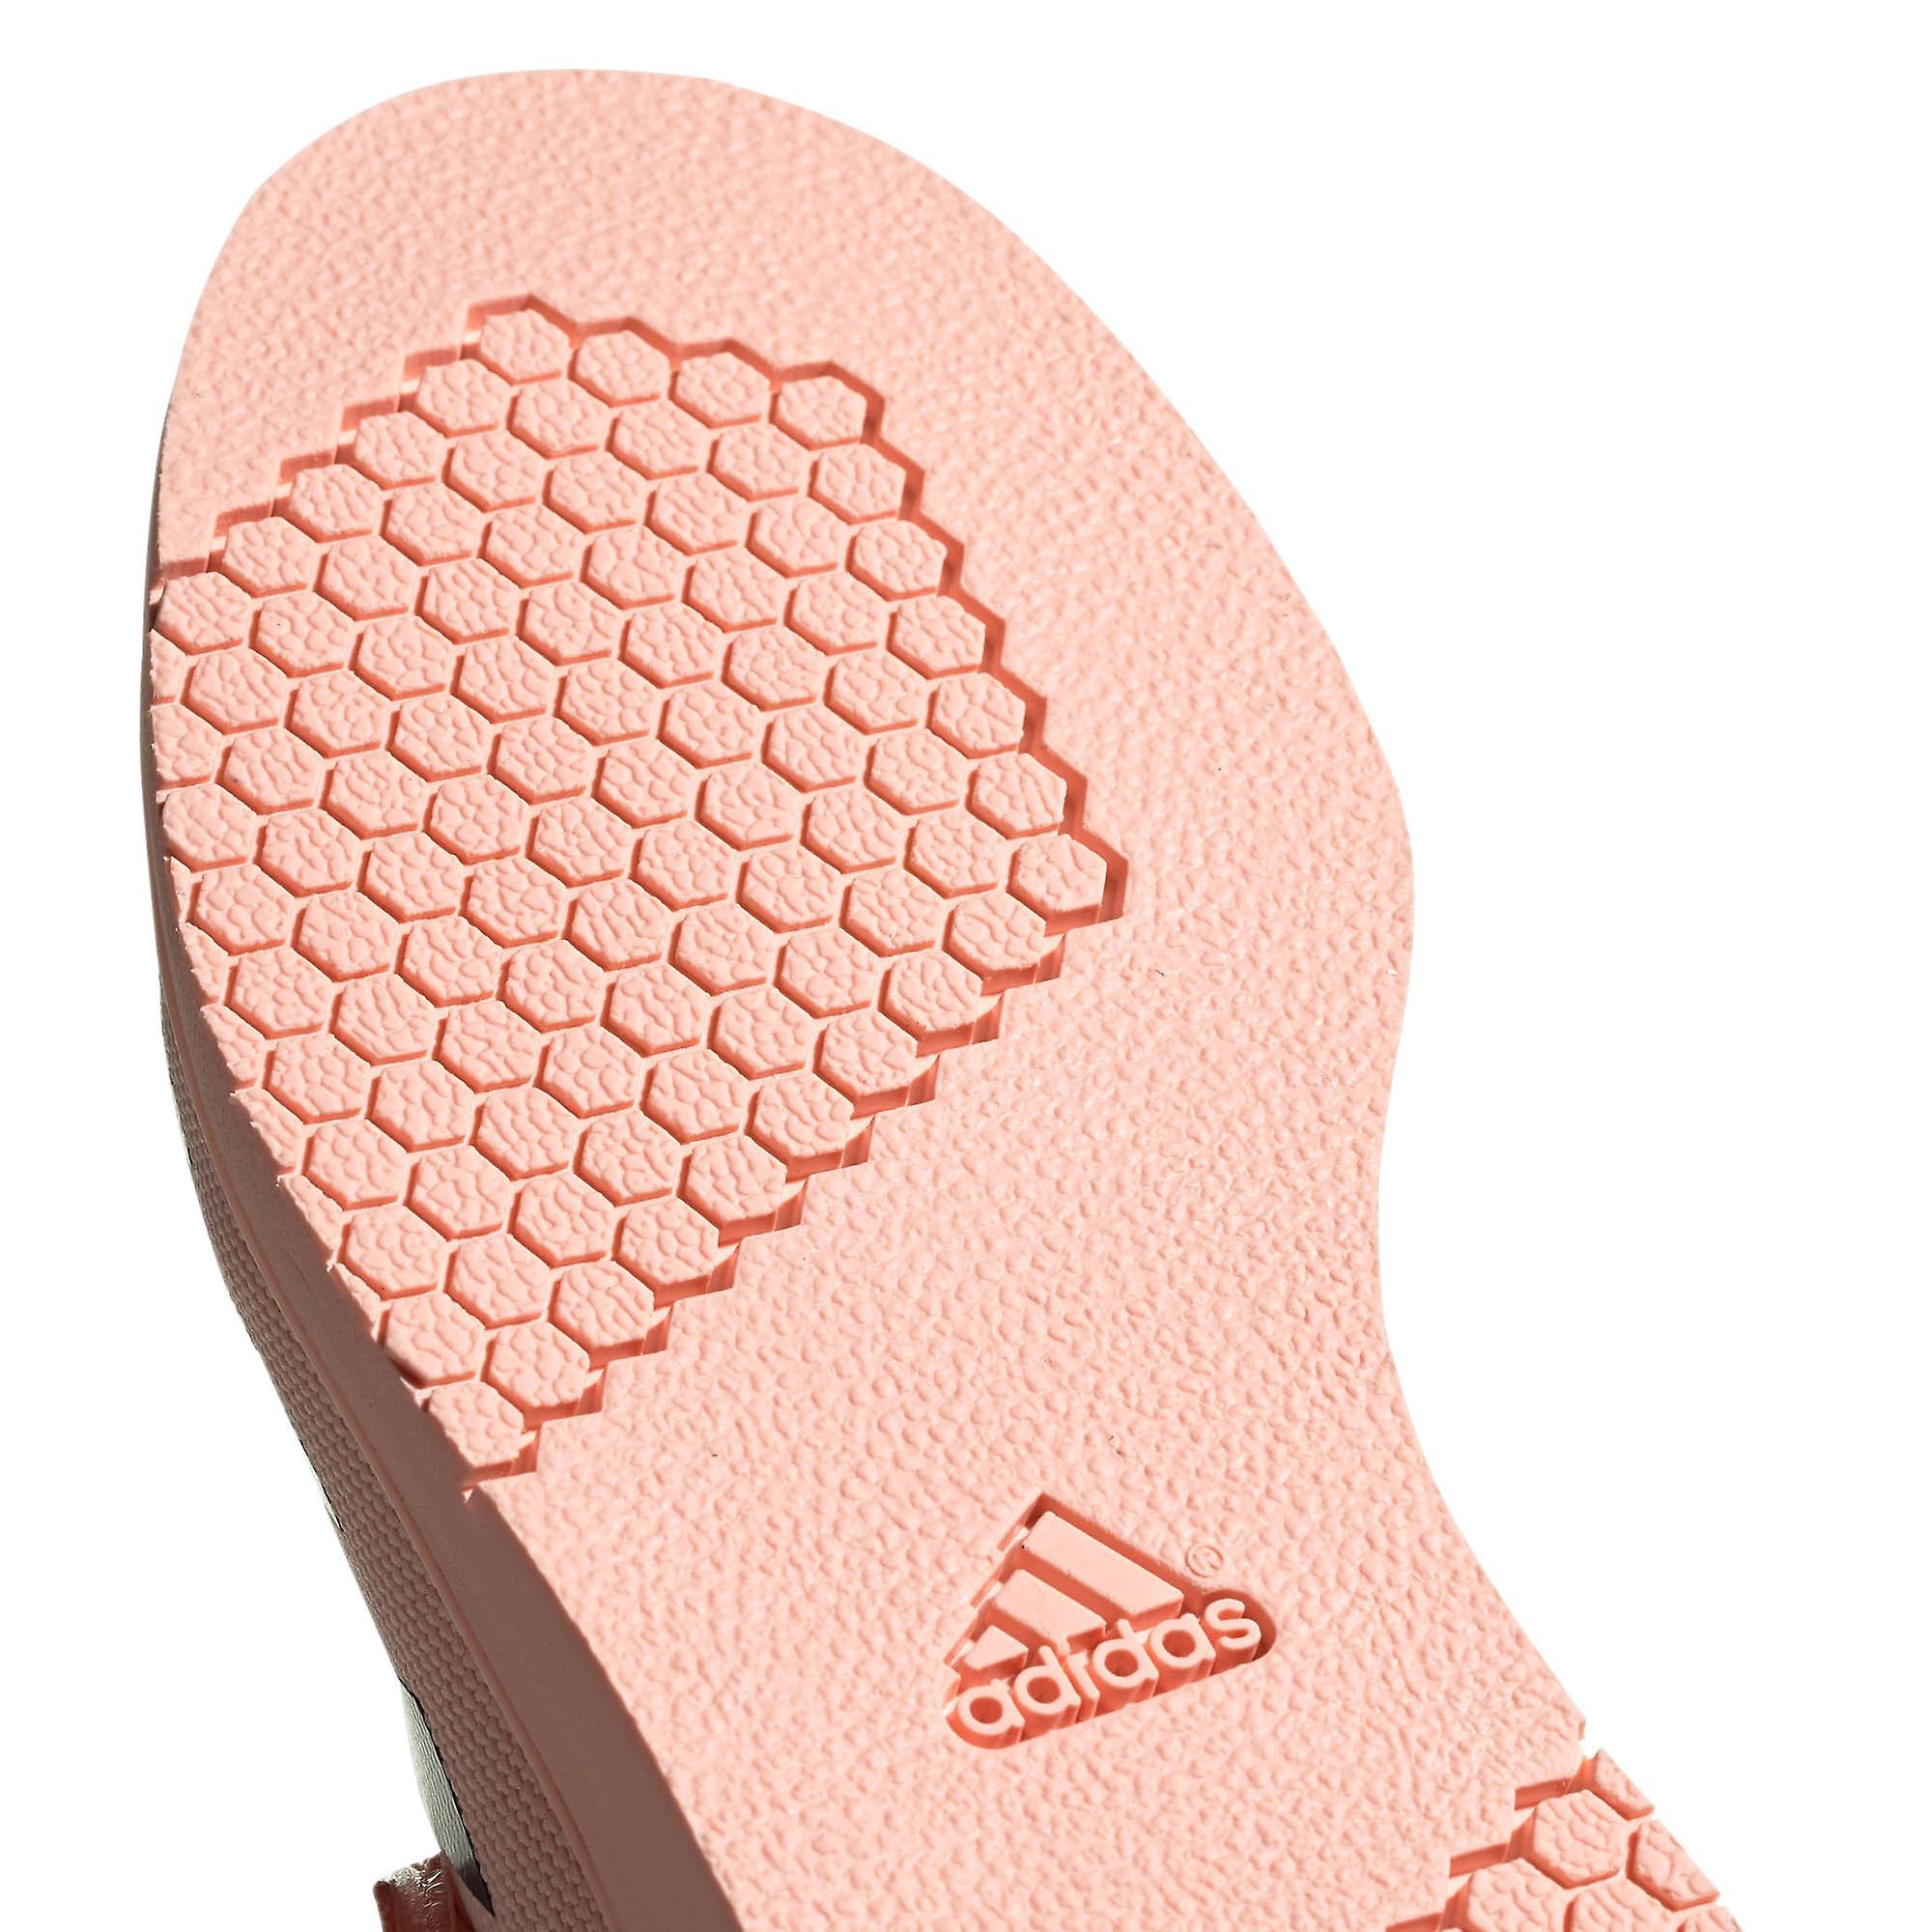 Adidas Powerlift 4 damskie podnoszenie ciężarów buty do podnoszenia różowy itZeiv